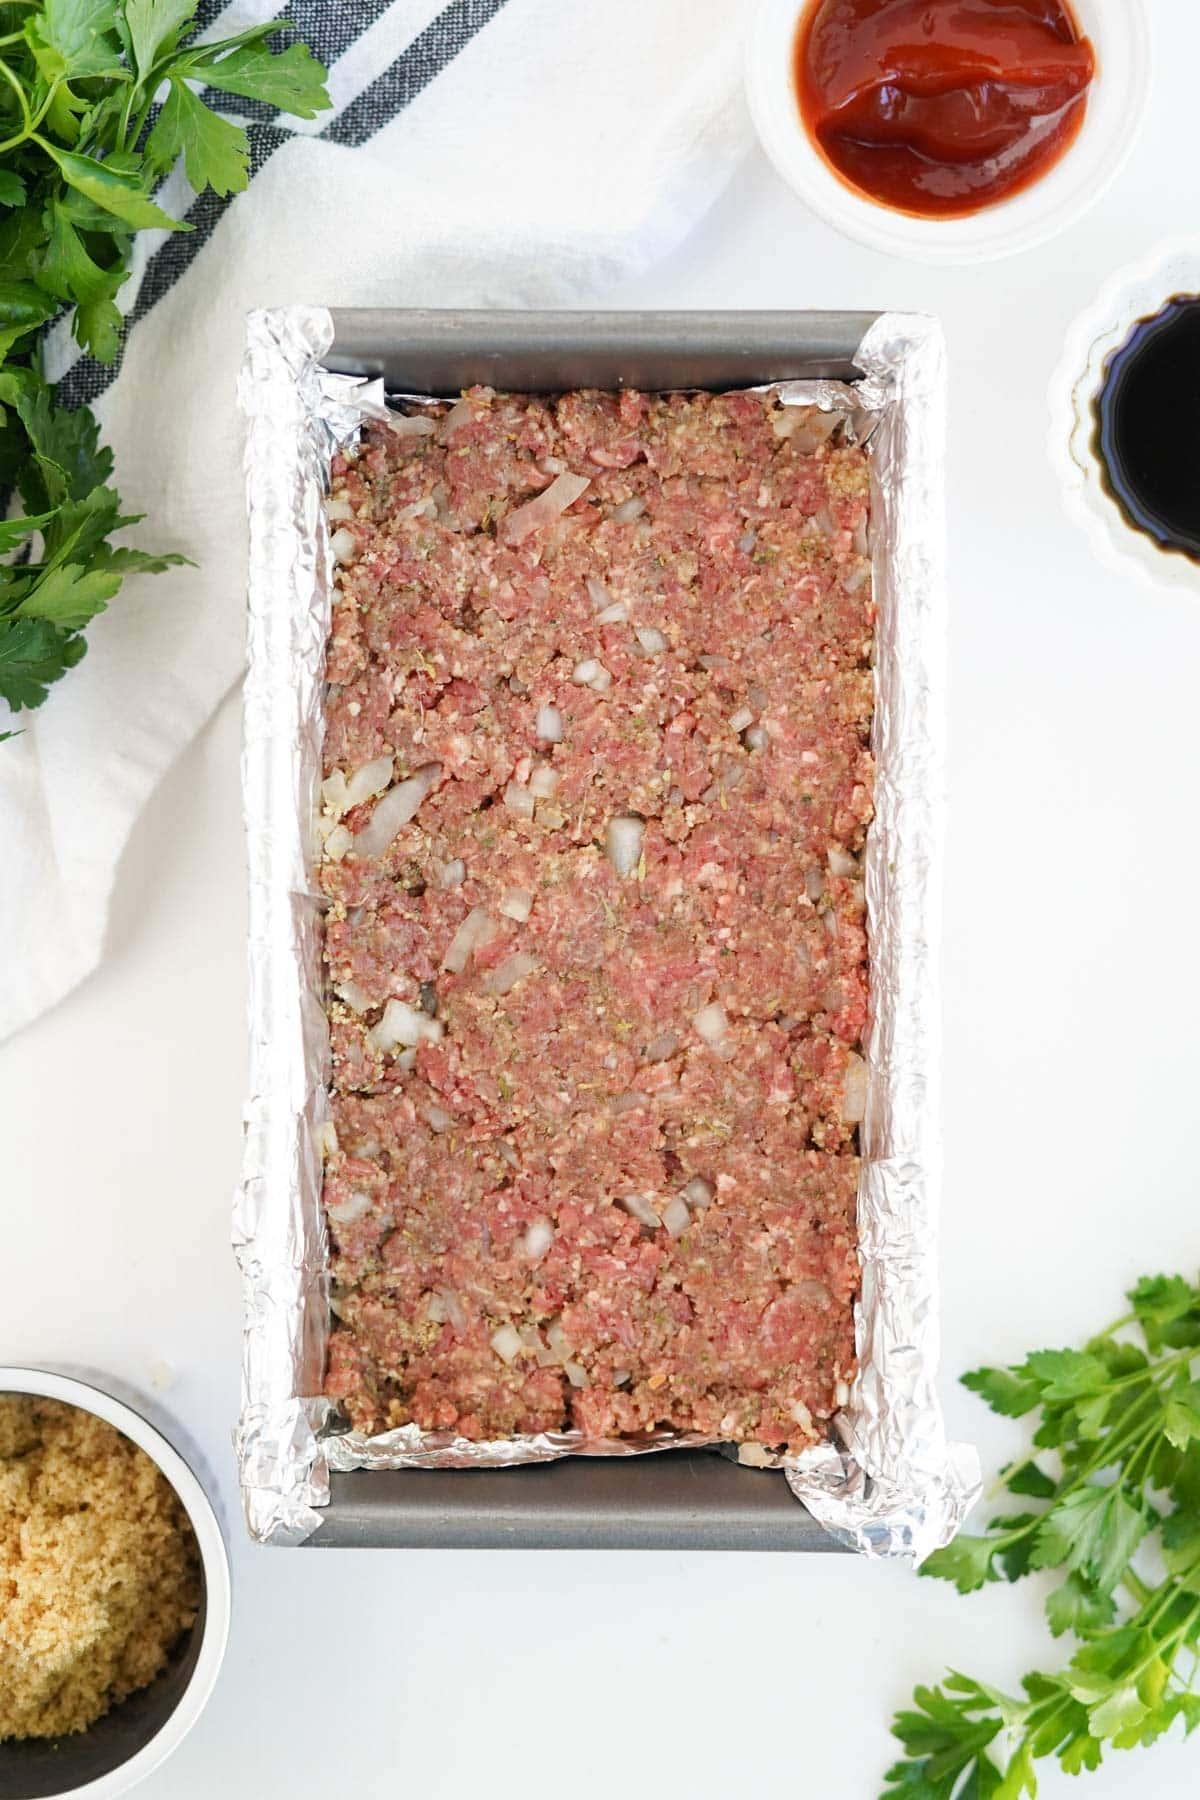 meatloaf in a loaf pan